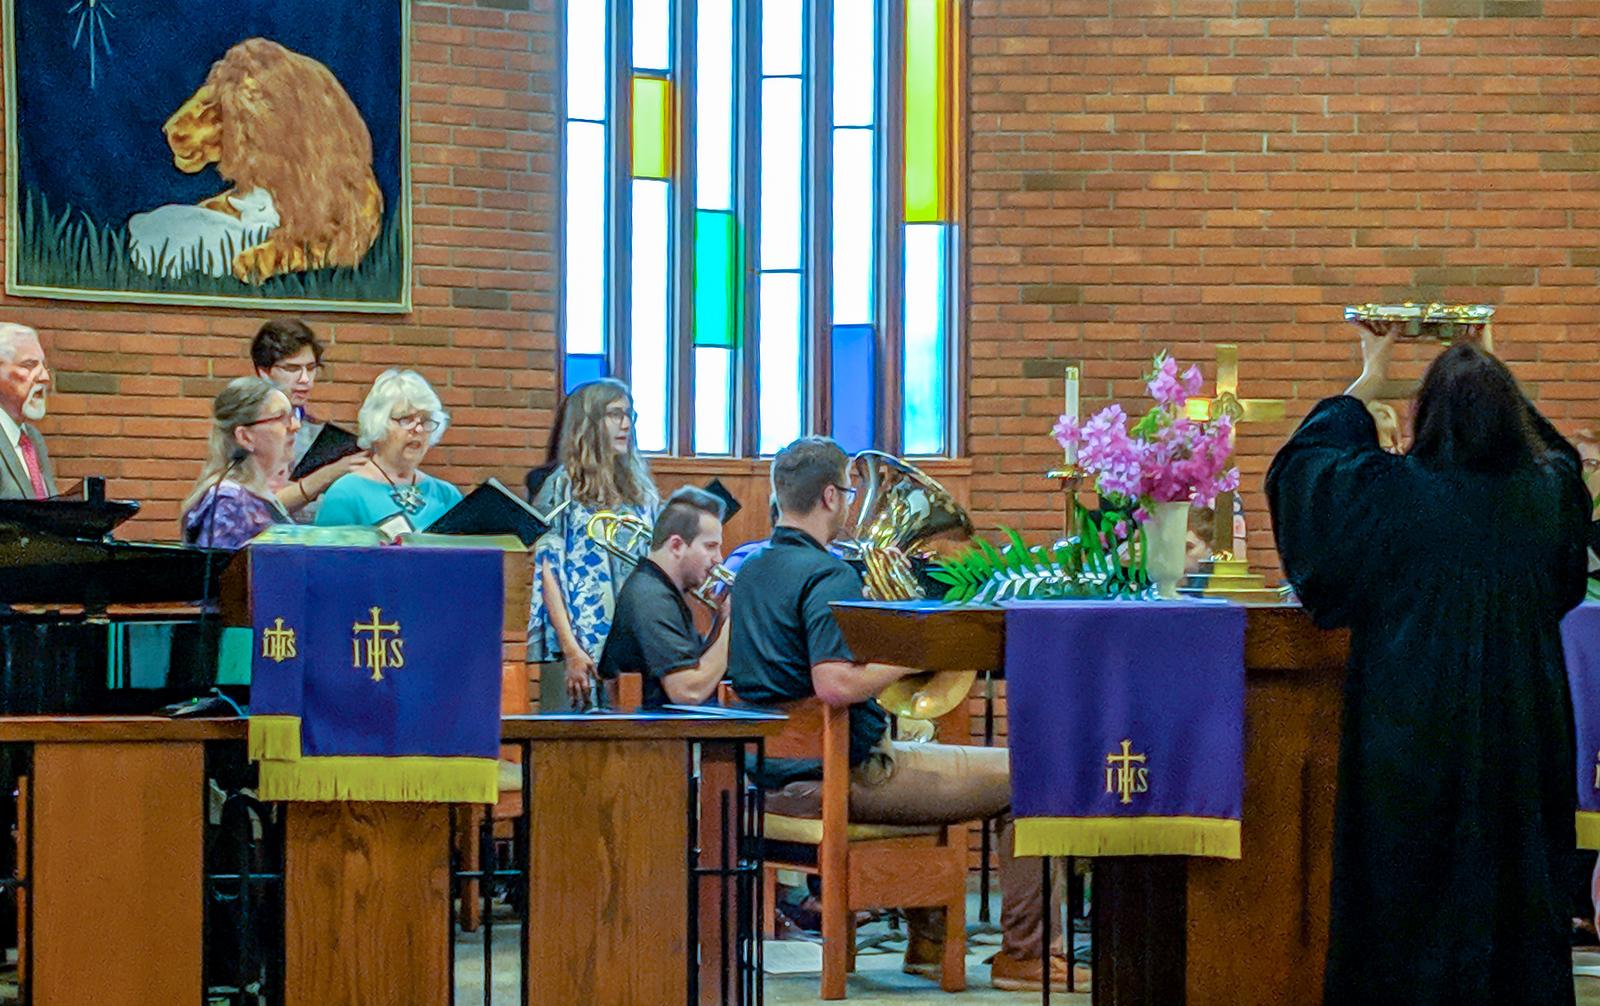 SHARE YOUR TALENTS WITH US - Choir Rehearsal - Mondays @ 4:42 pmHandbell Choir Rehearsal - Wednesdays @ 6 pmChurch Mice Artists - Thursdays @ 9 am